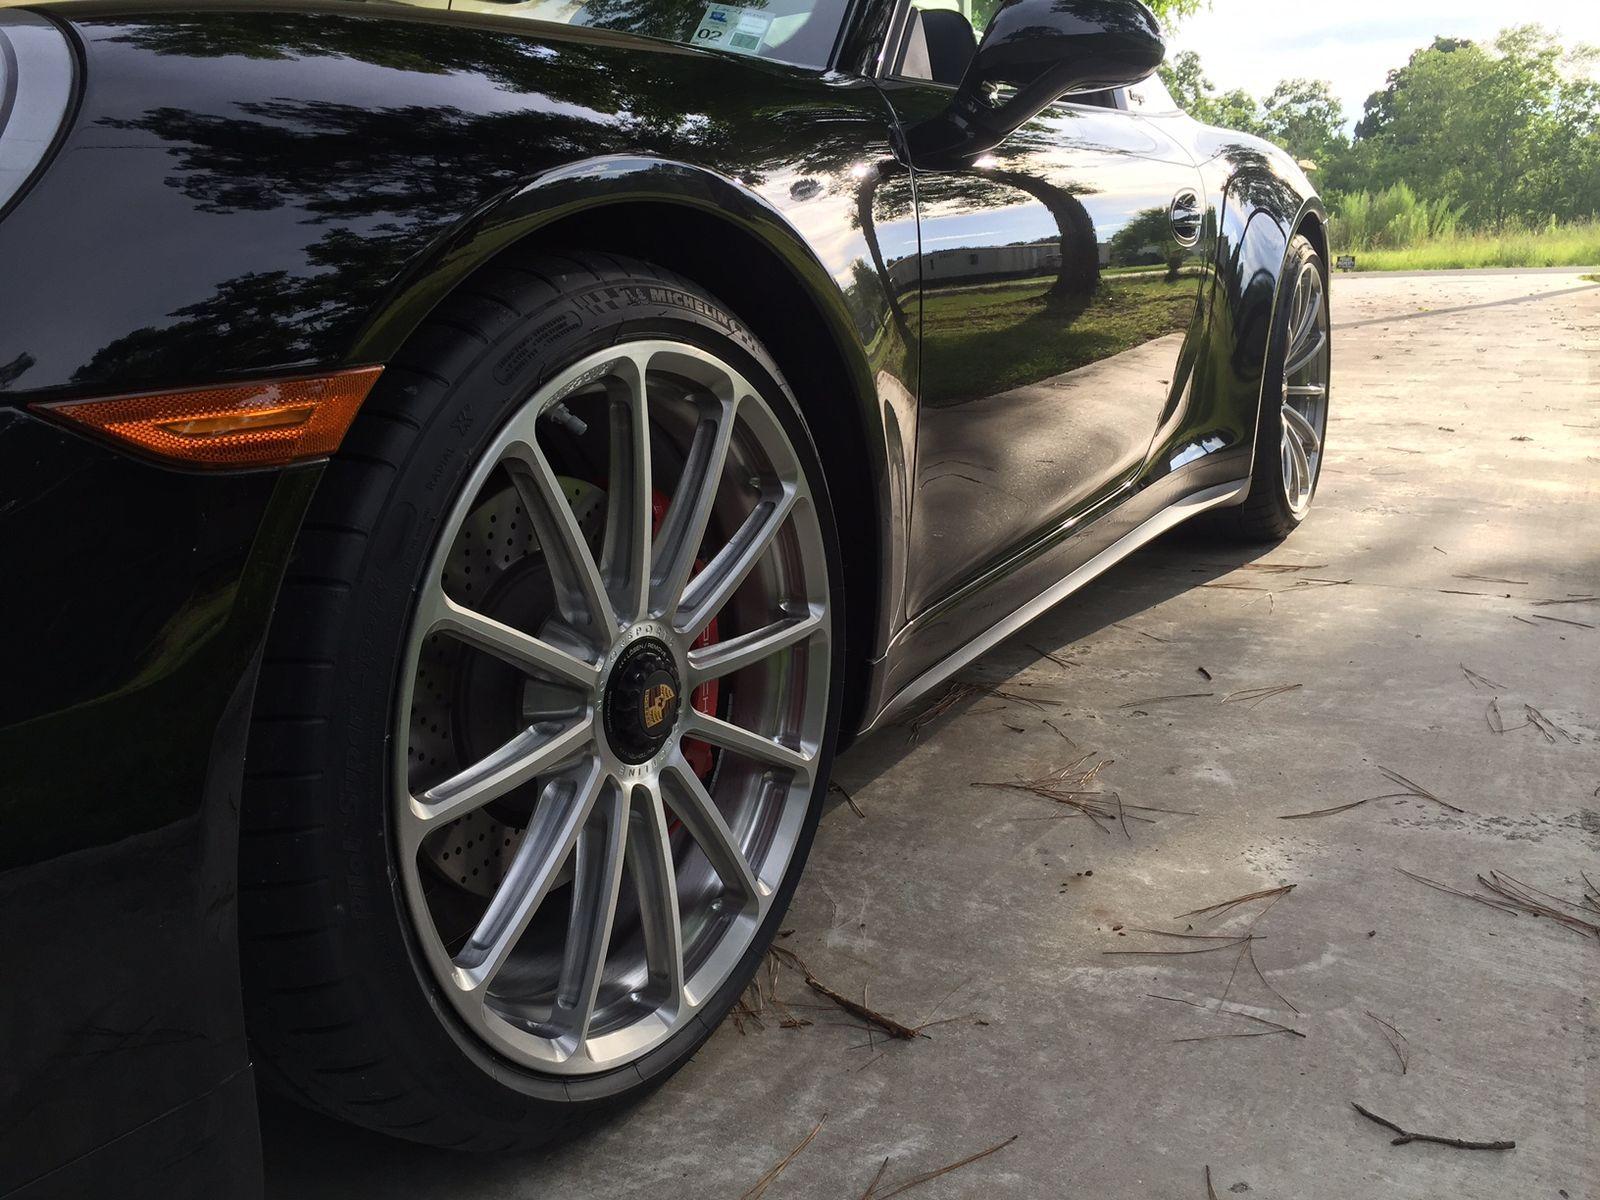 2016 Porsche 911 | Jim Brown's Porsche 991 Targa on Forgeline One Piece Forged Monoblock GT1 Wheels